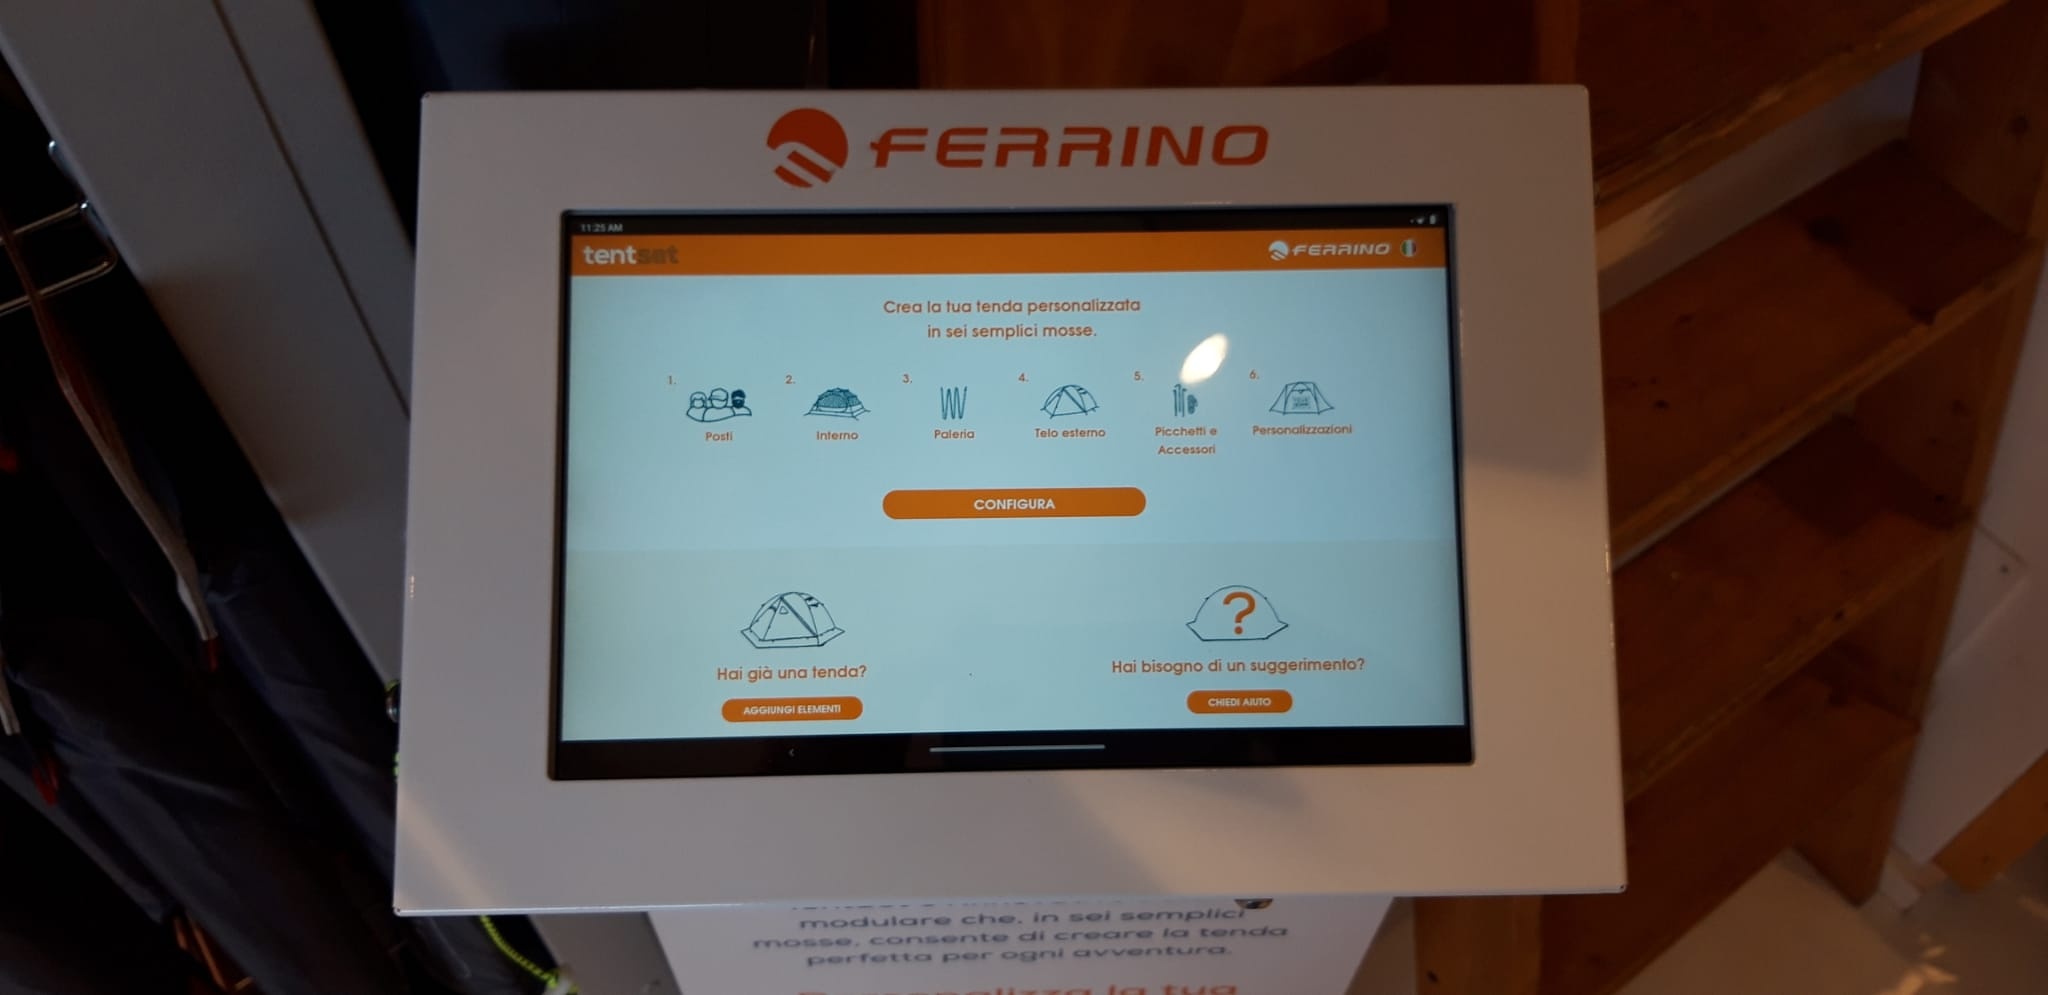 Configuratore tent set Ferrino in negozio utilizzabile tramite tablet inserito all'interno di un totem.